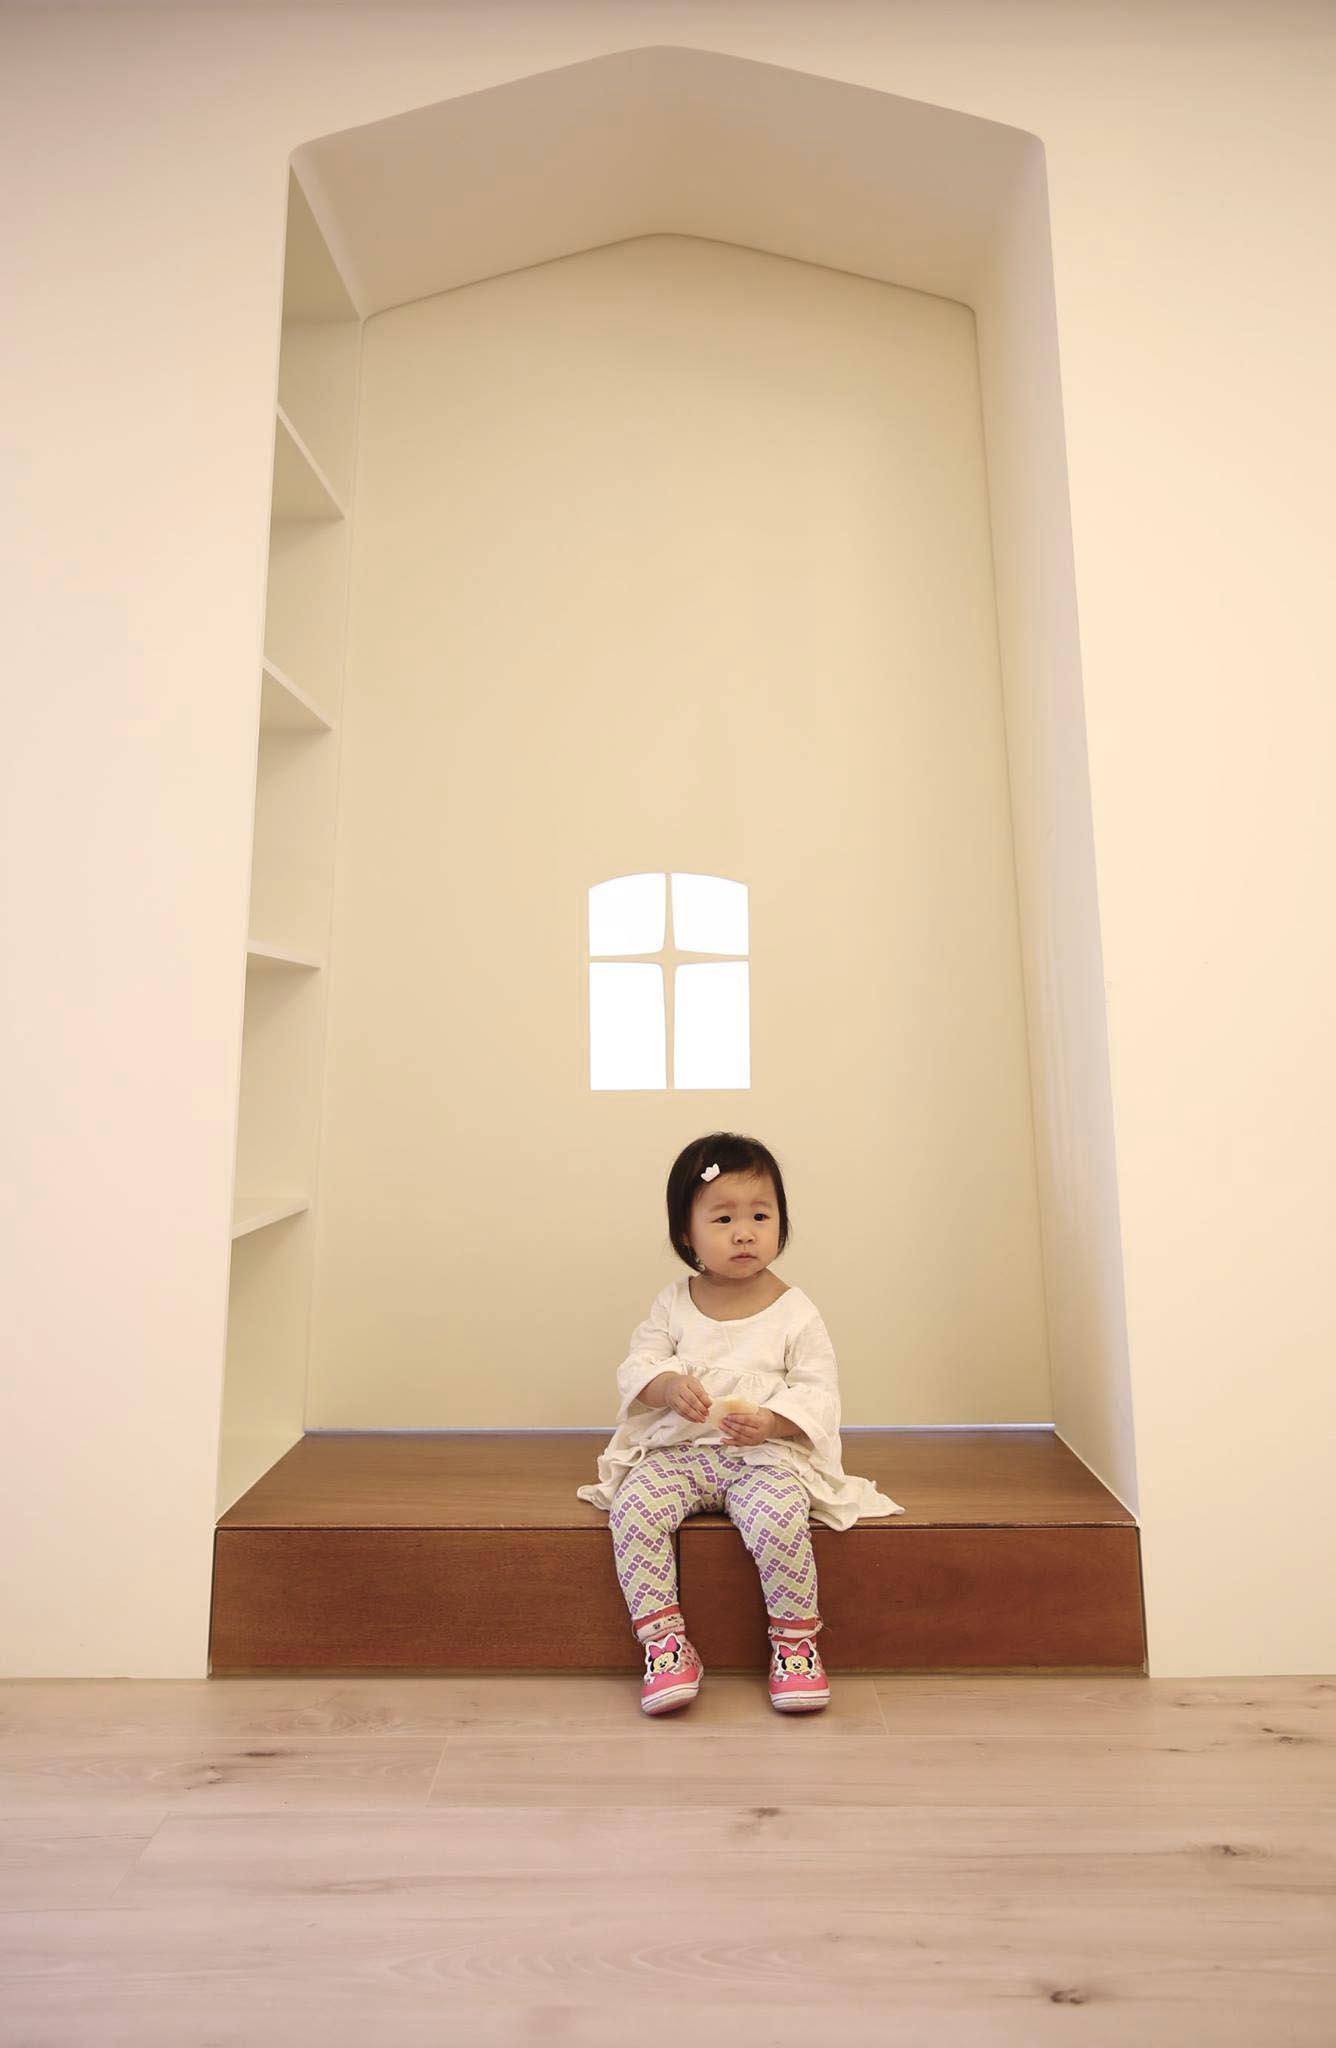 孩臥入口意象呼應業主的宗教信仰,60公分的入口深度希望營造出門廊的味道,側邊有大格書架可以放孩子的童書或玩具,是入口,也可以是一個小閱讀角。